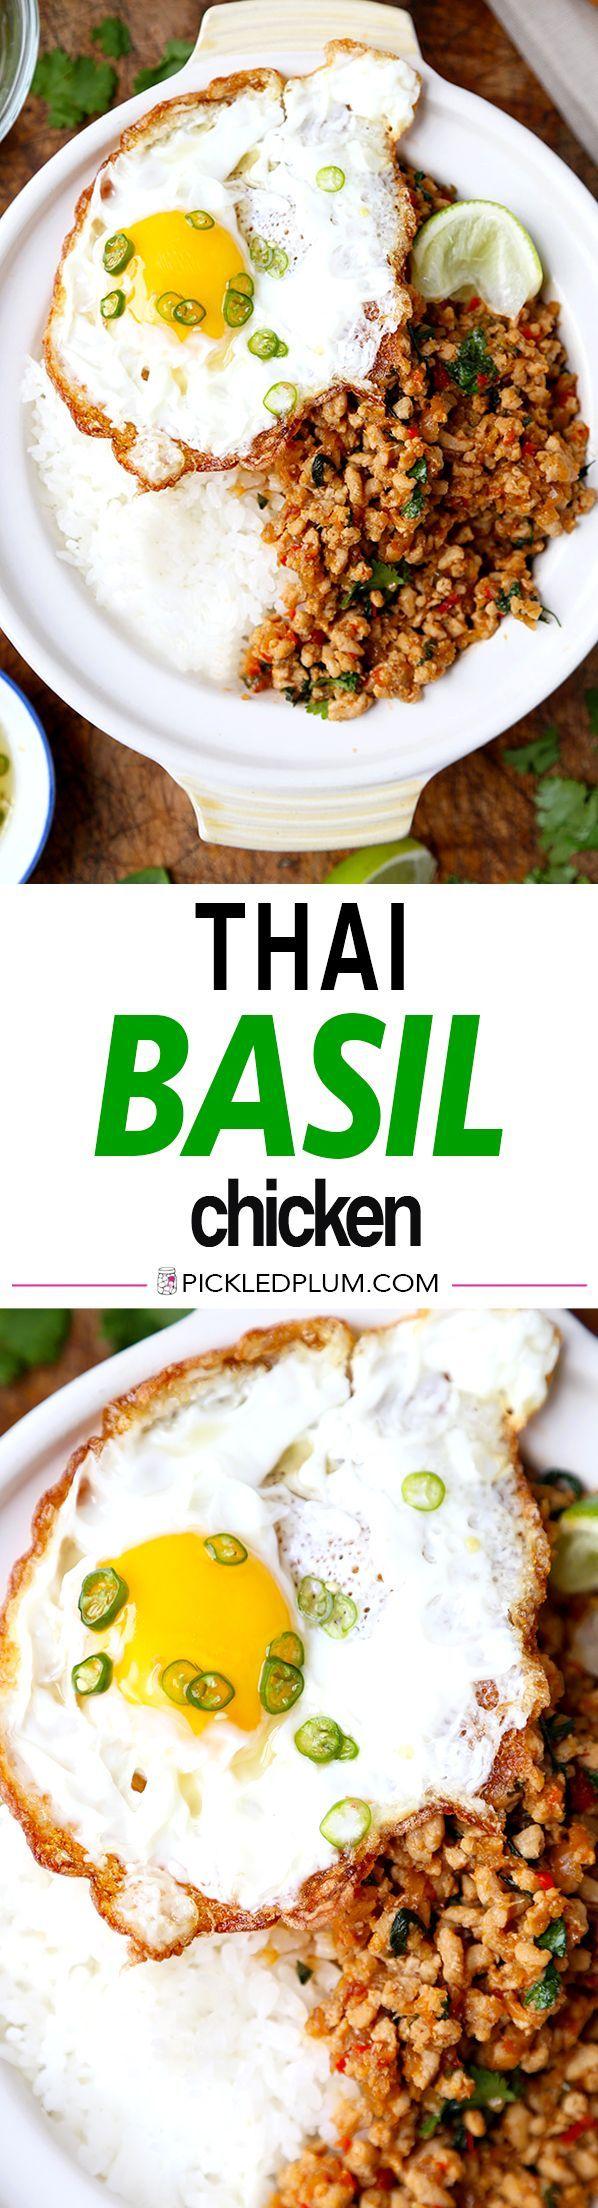 Mejores 205 imgenes de thai food recipes en pinterest recetas de thai basil chicken this easy thai basil chicken recipe is based on the classic thai forumfinder Choice Image